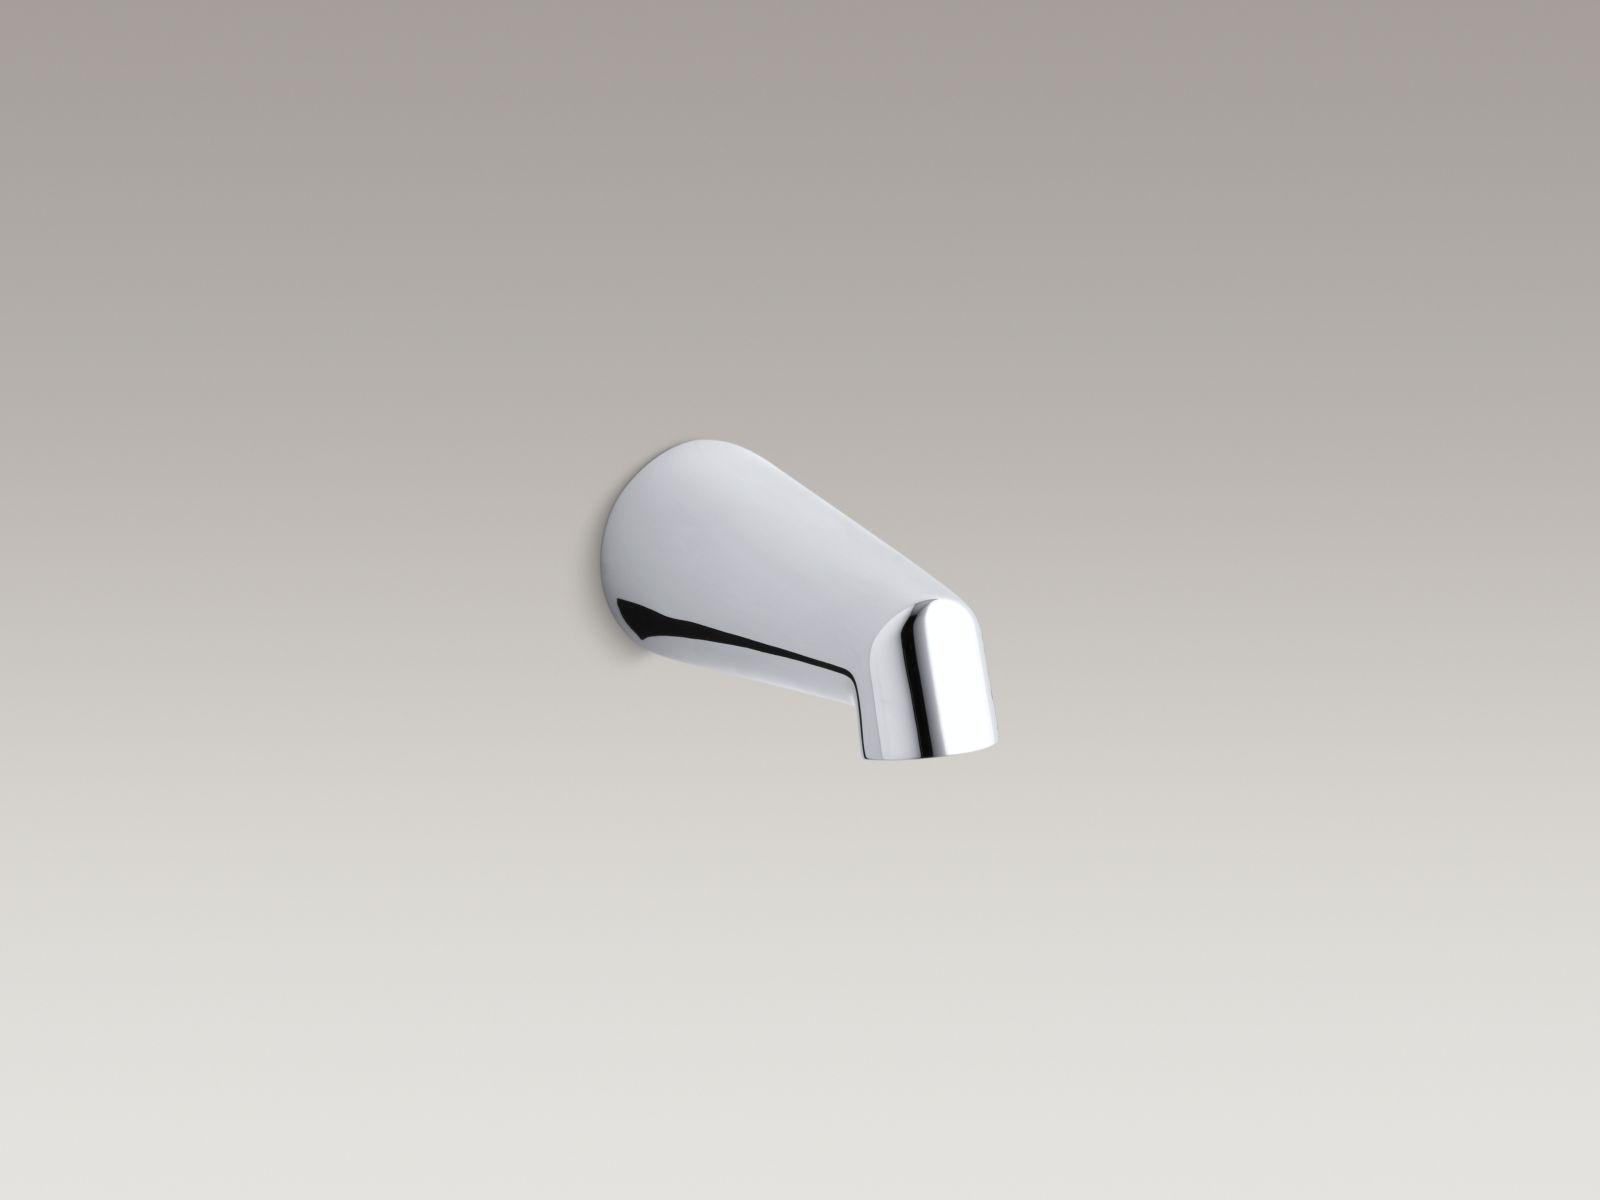 BuyPlumbing.net - Product: Kohler K-6854-CP Standard Wall-mounted 5 ...